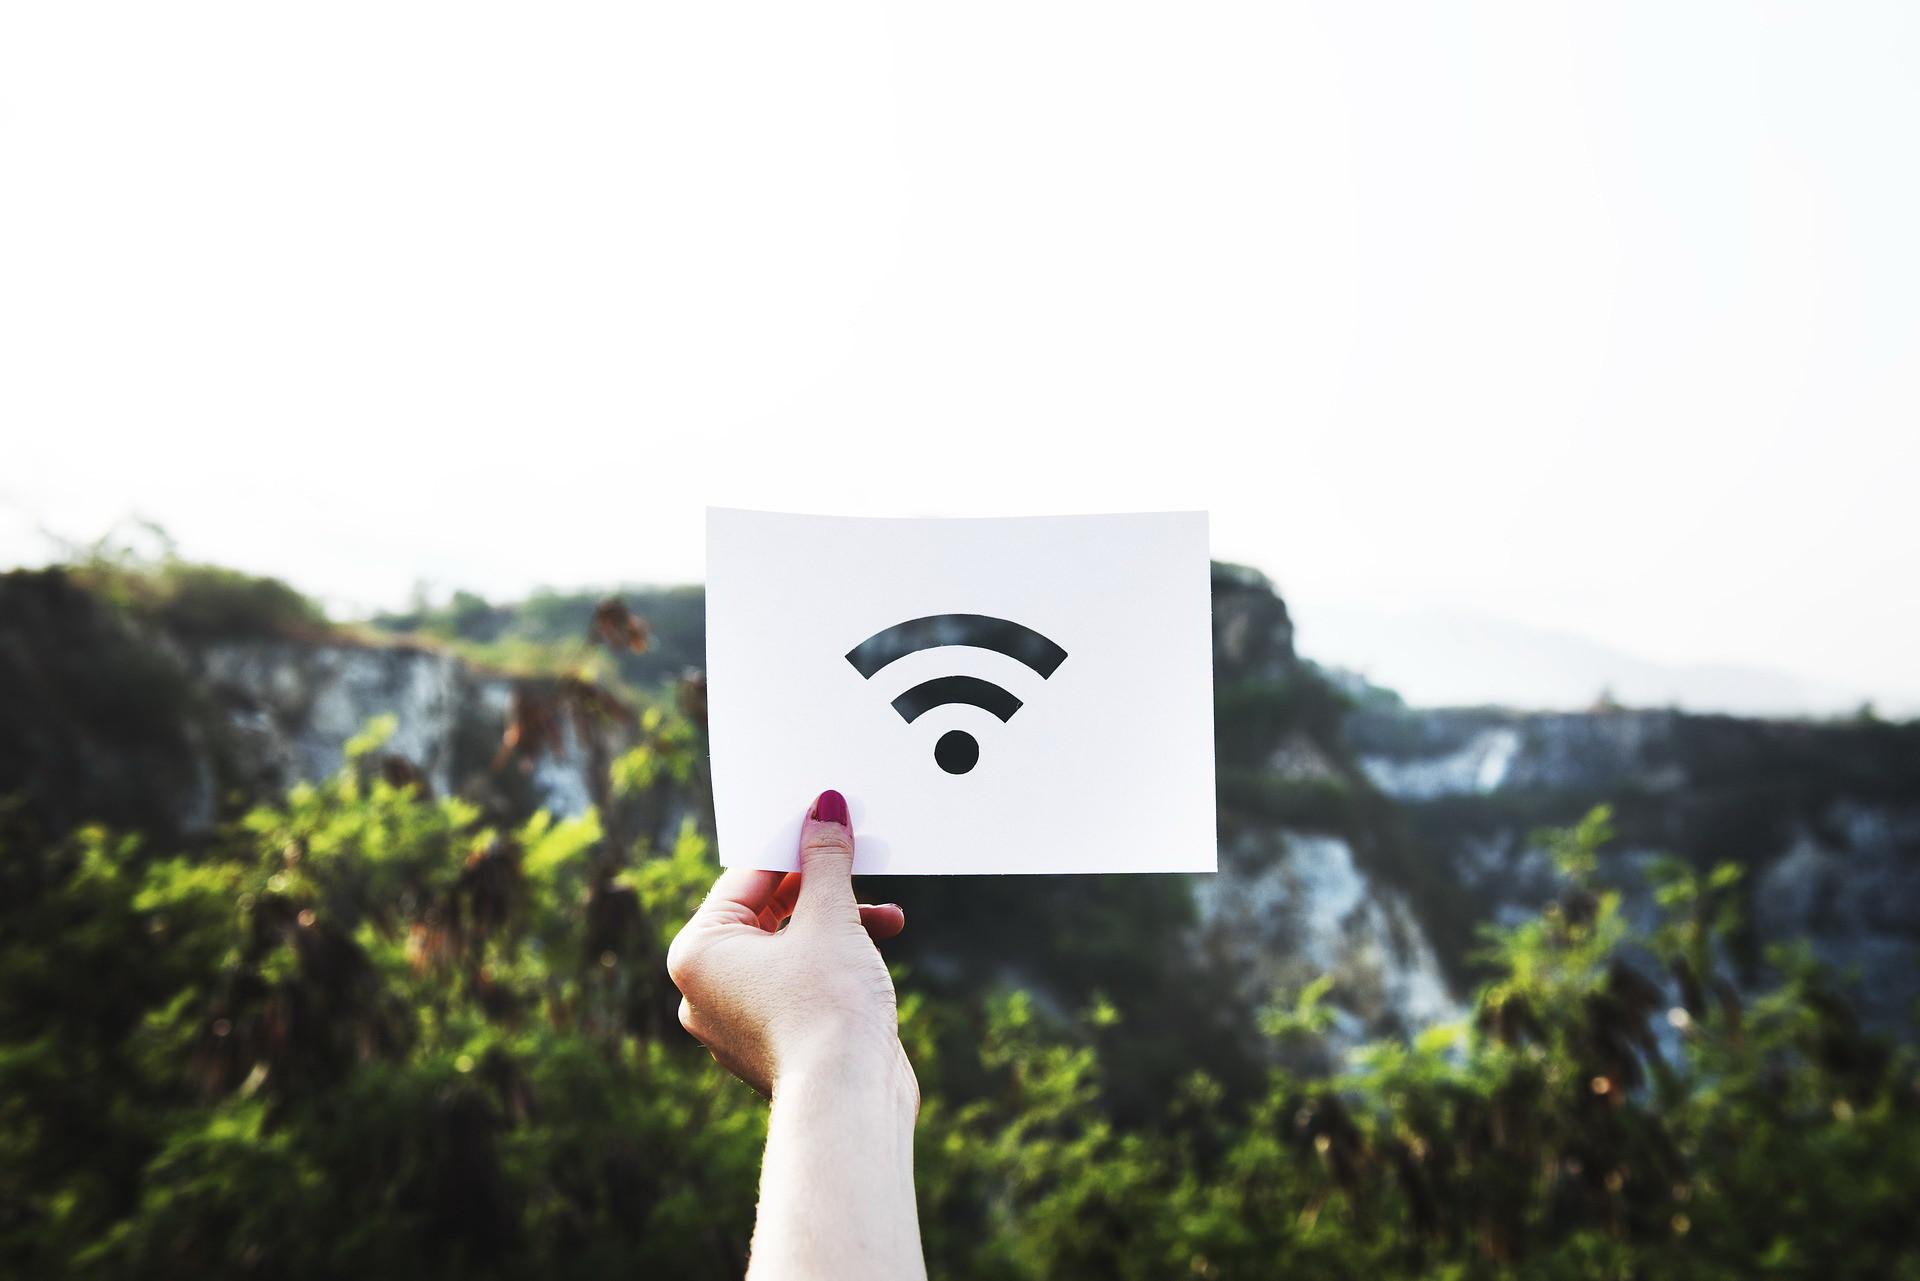 Guía para elegir la mejor conexión Wi-Fi: 5GHz o 2.4GHz